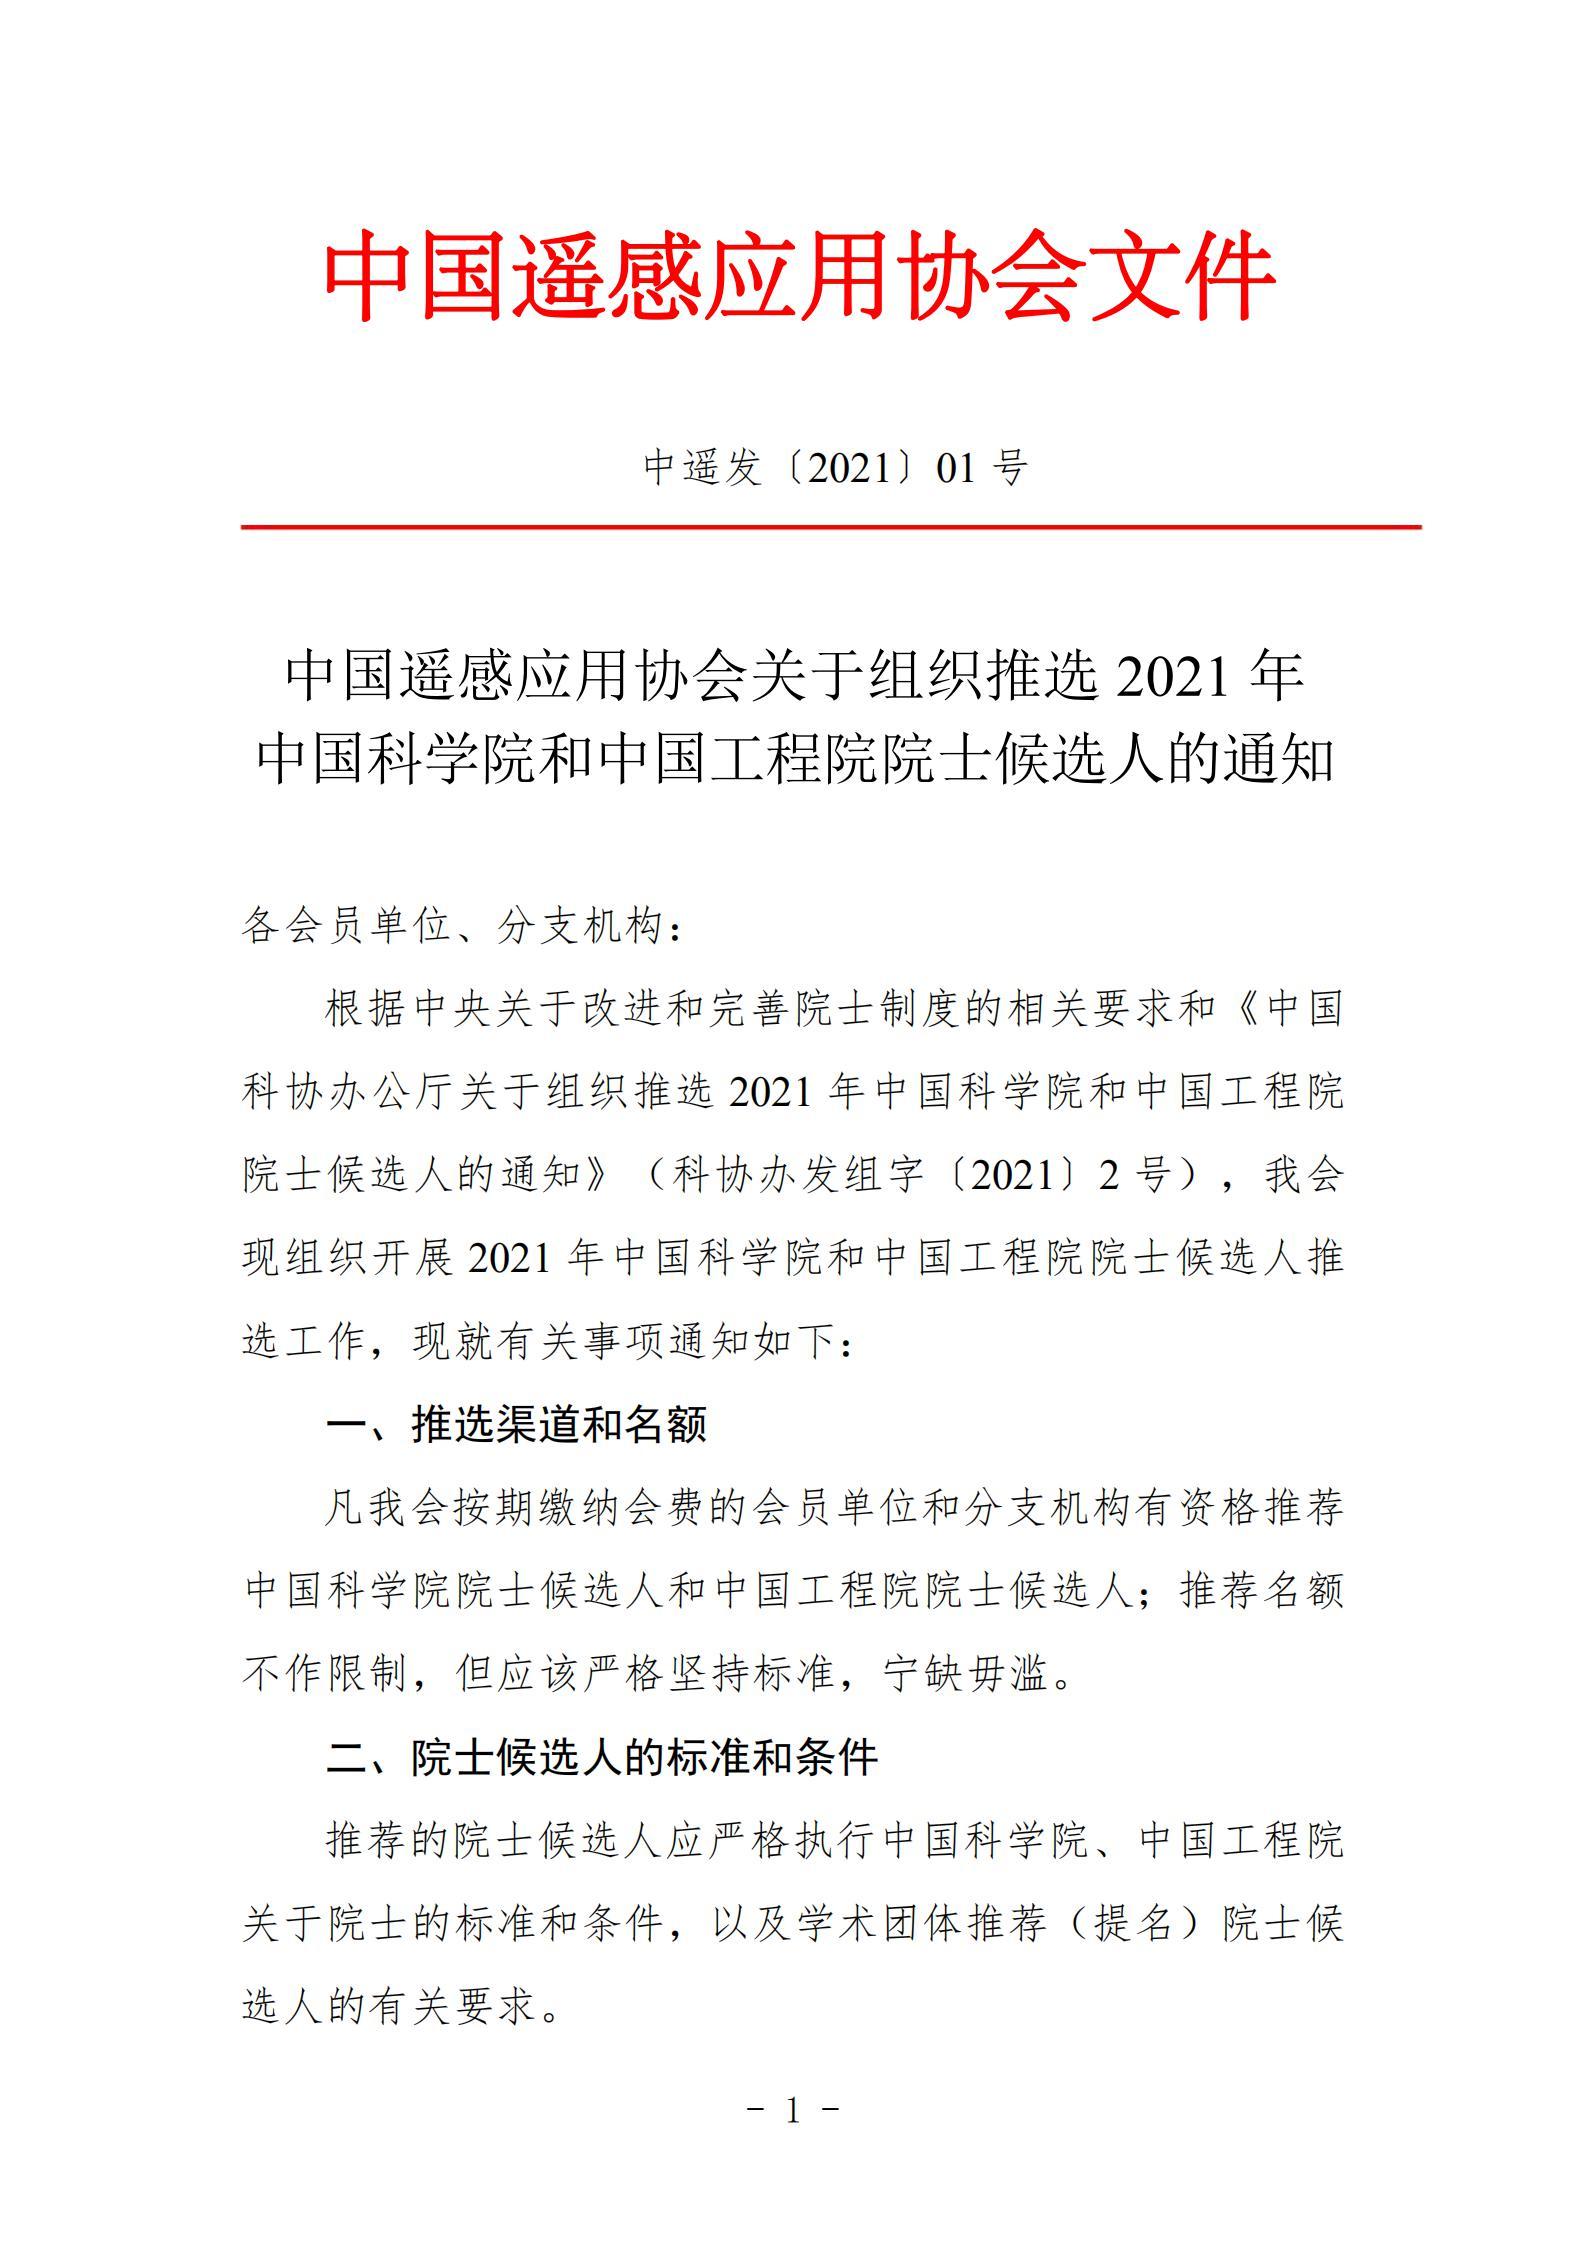 中國遙感應用協會關于組織推選2021年中國科學院和中國工程院院士候選人的通知_00.jpg